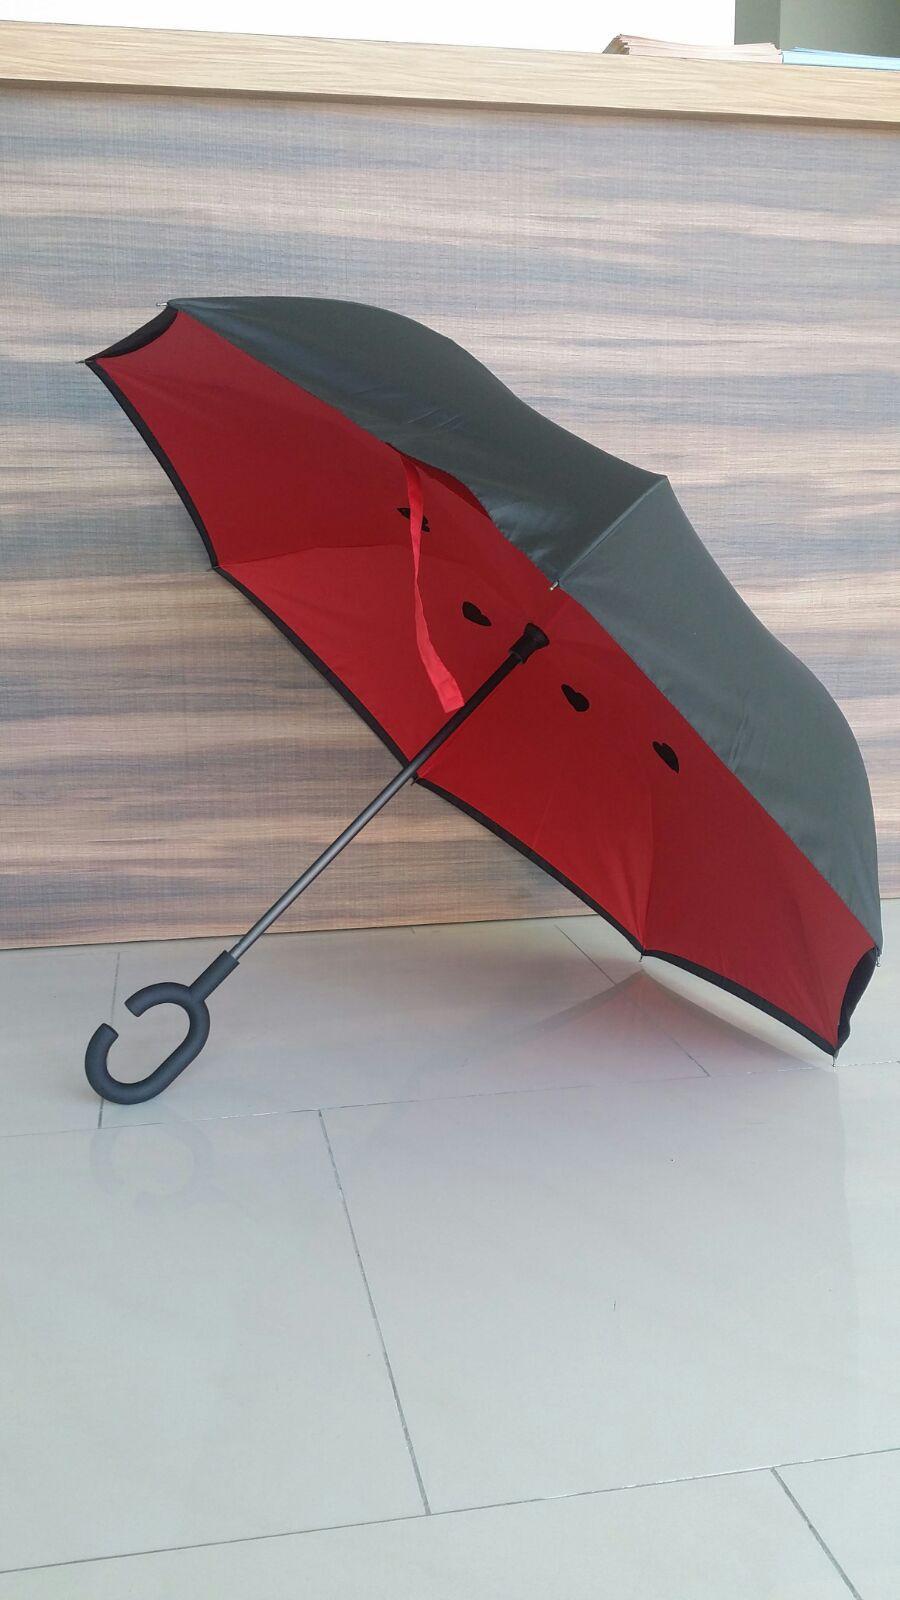 Umbrella Inverted Reversed Umbrella Umbrellas Golf